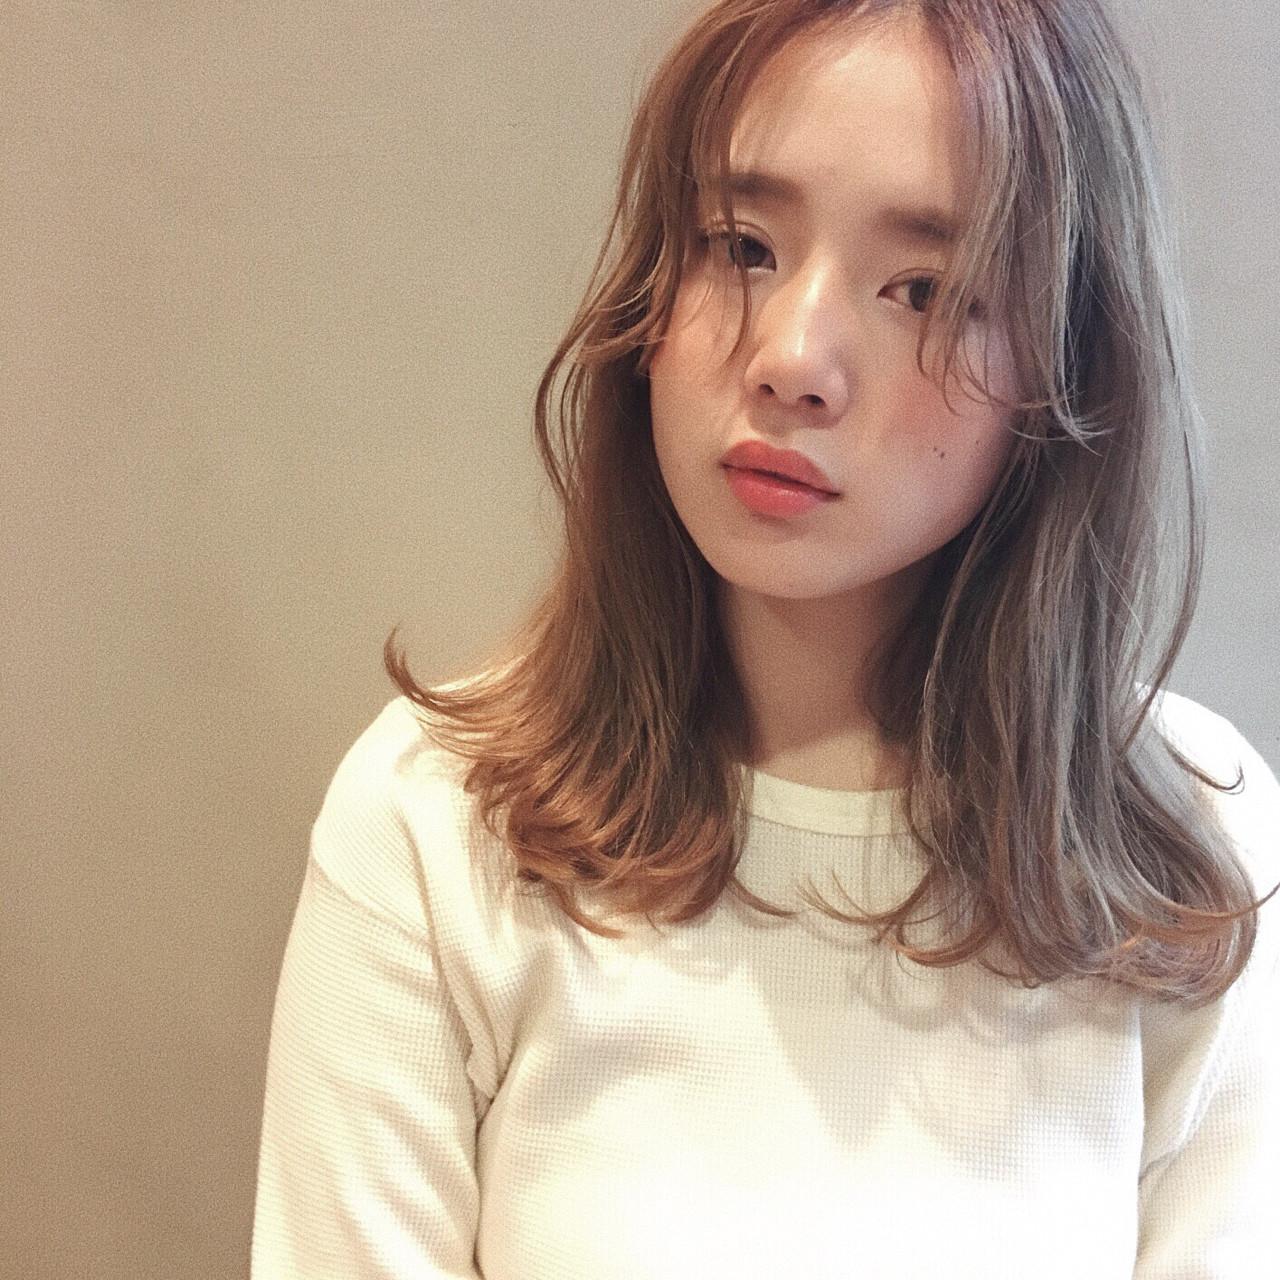 前髪なしスタイル